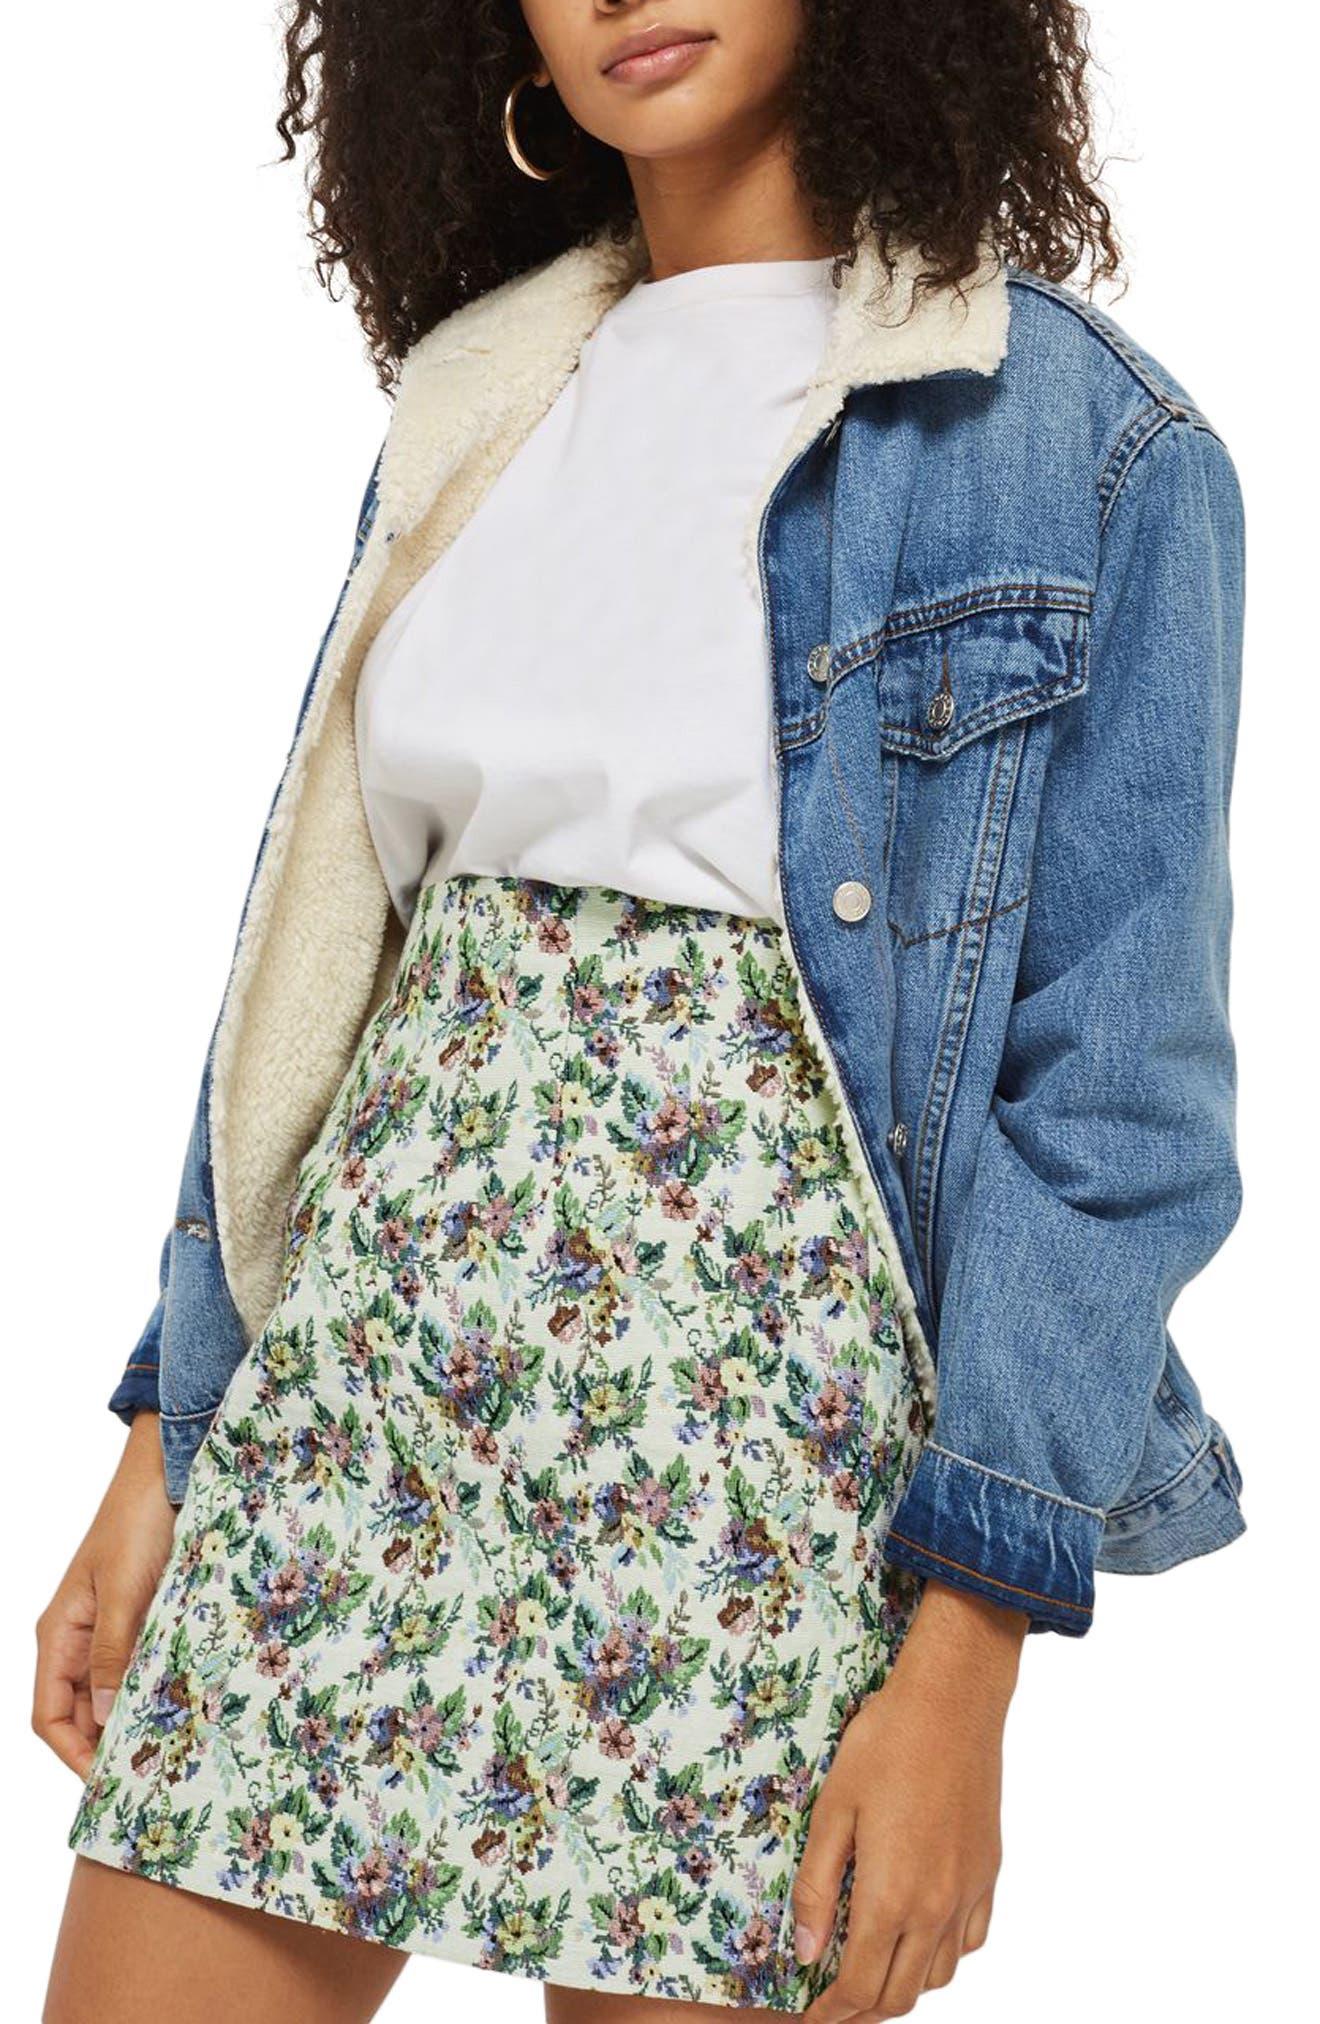 Topshop Floral Jacquard High Waist Skirt